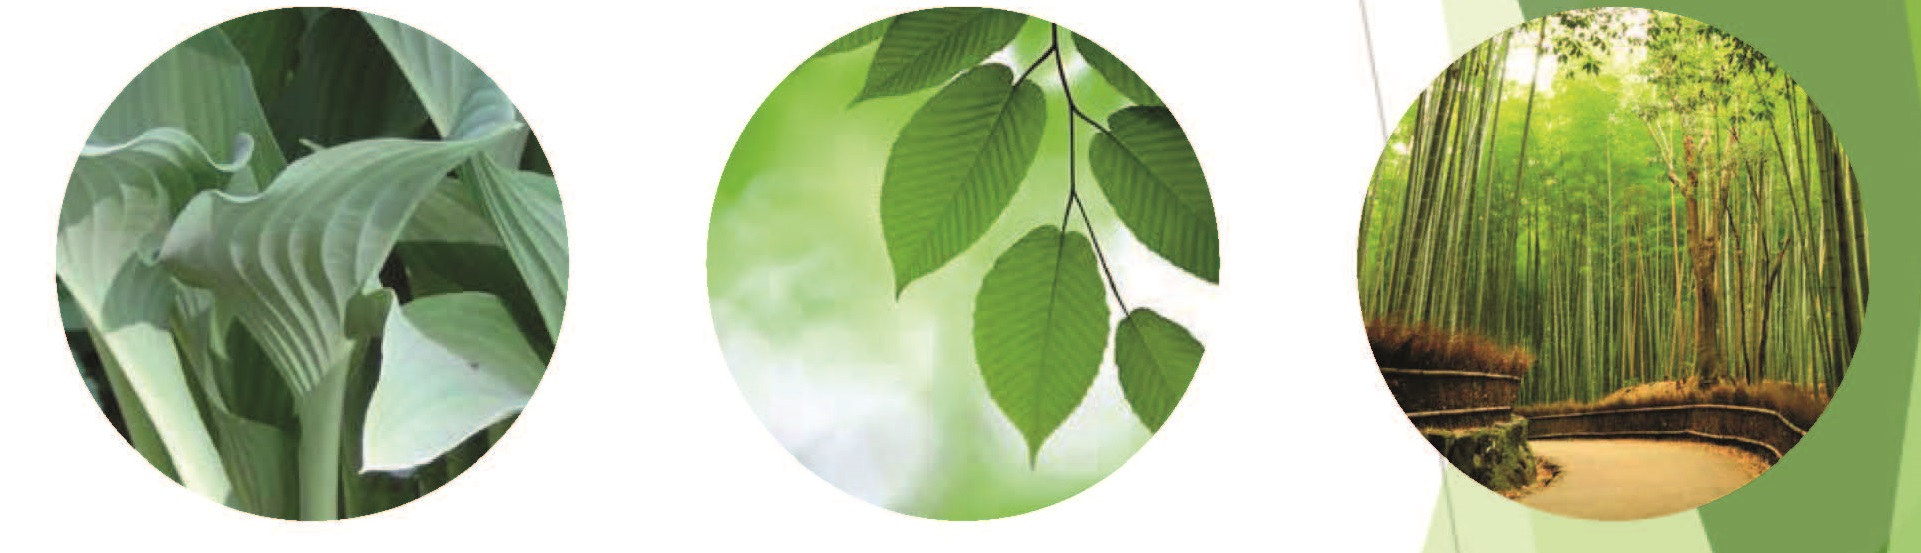 Kanope-bladeren